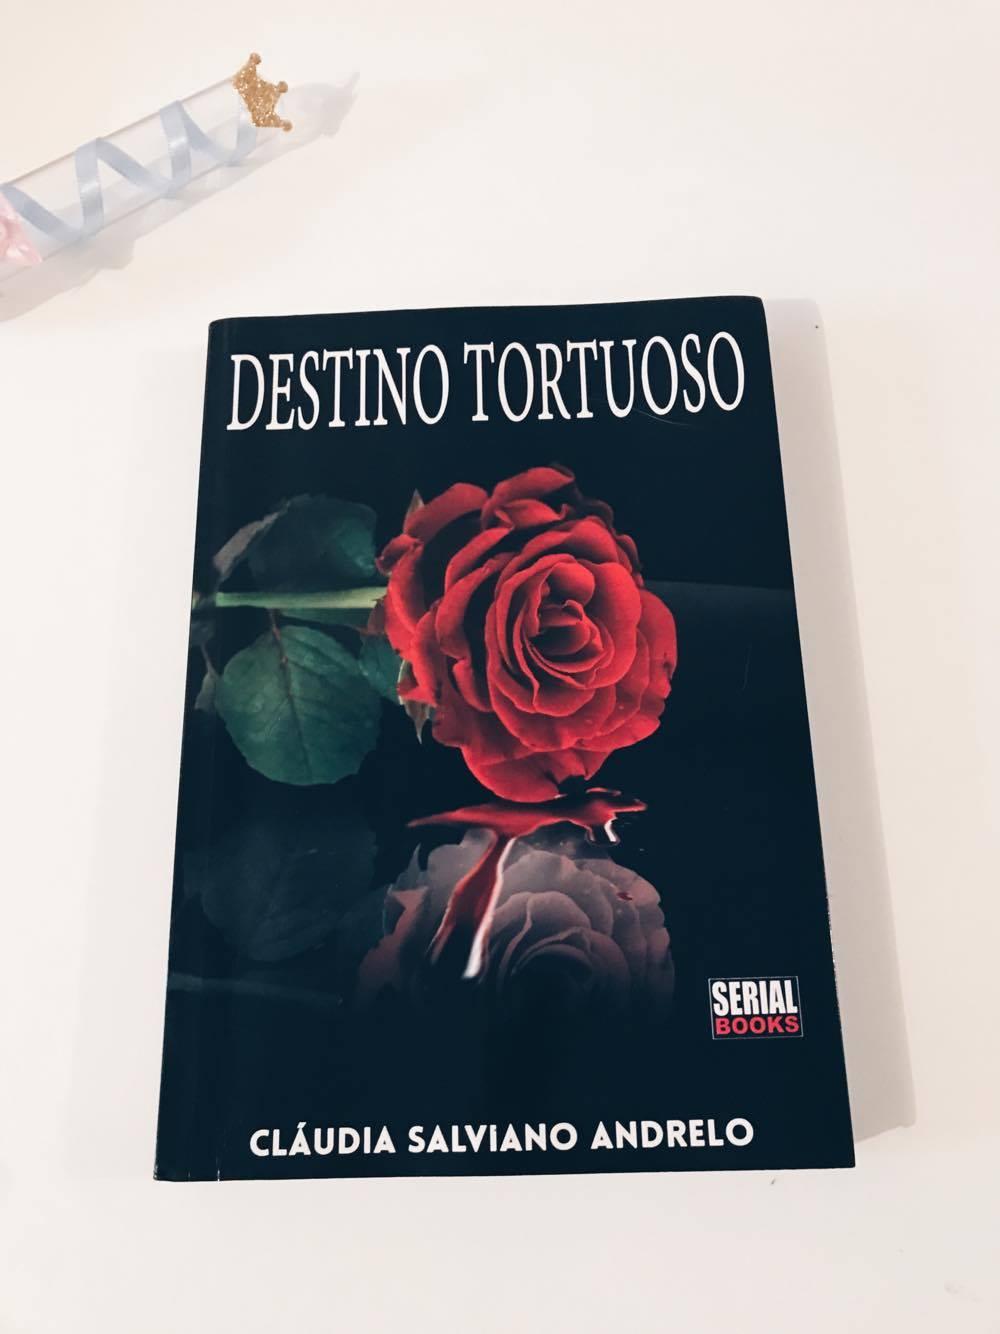 Livro Destino Tortuoso, Claudia Salviano Andrelo